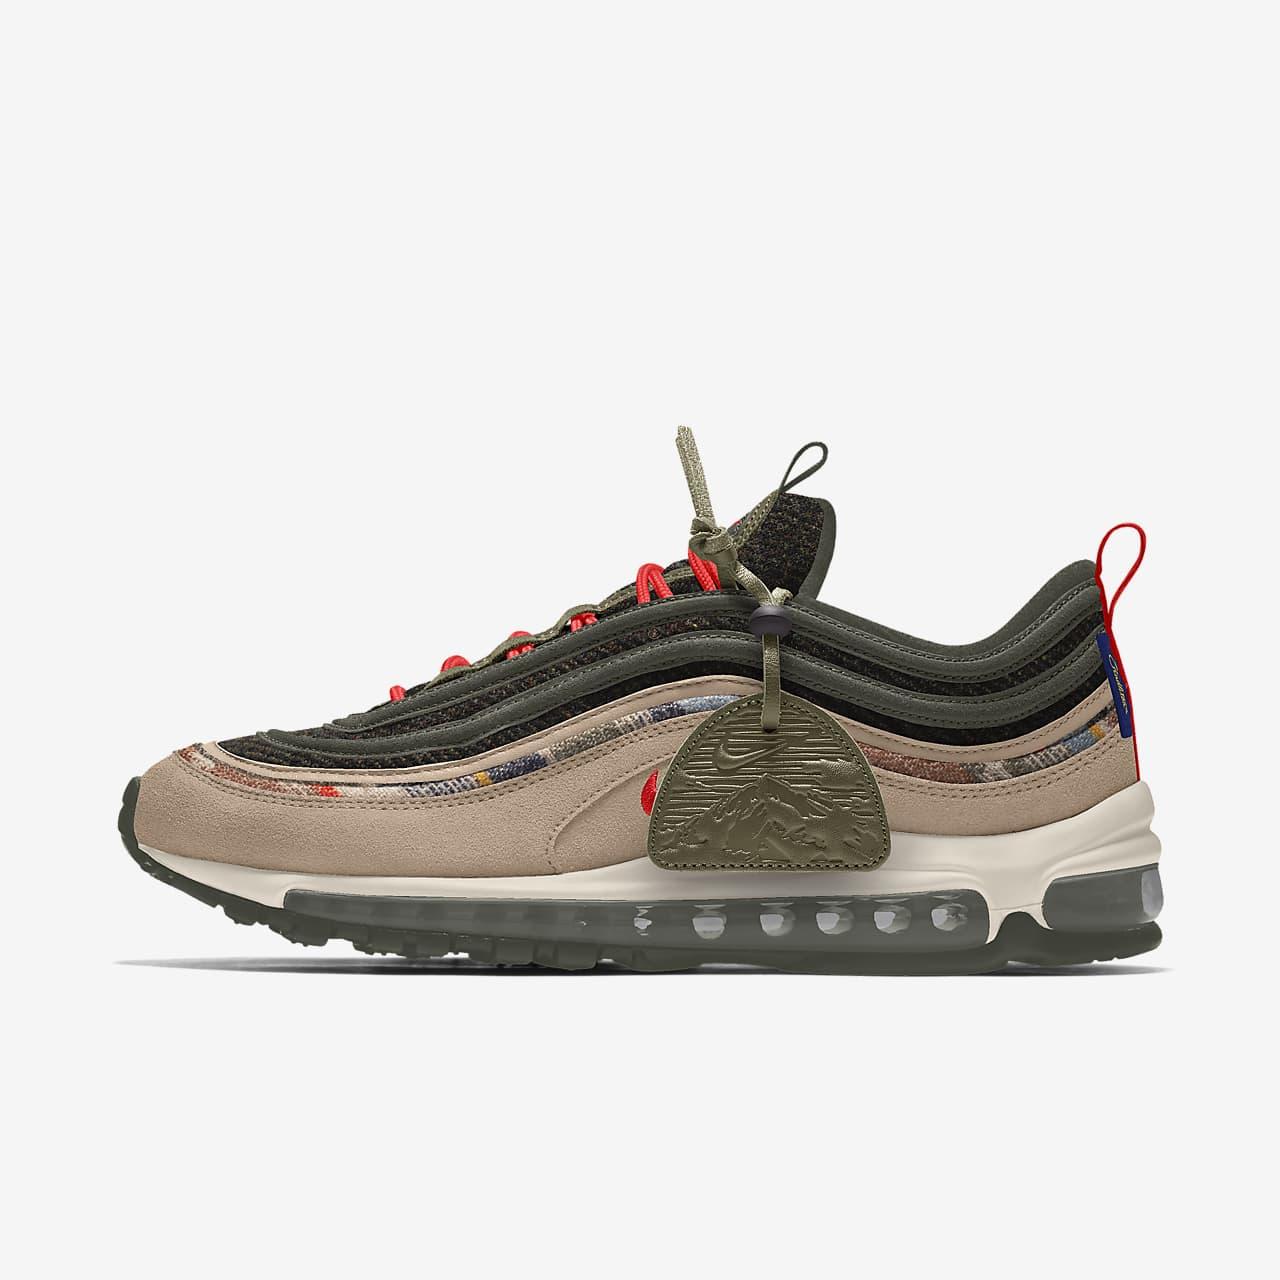 Nike Air Max 97 Pendleton By You Custom